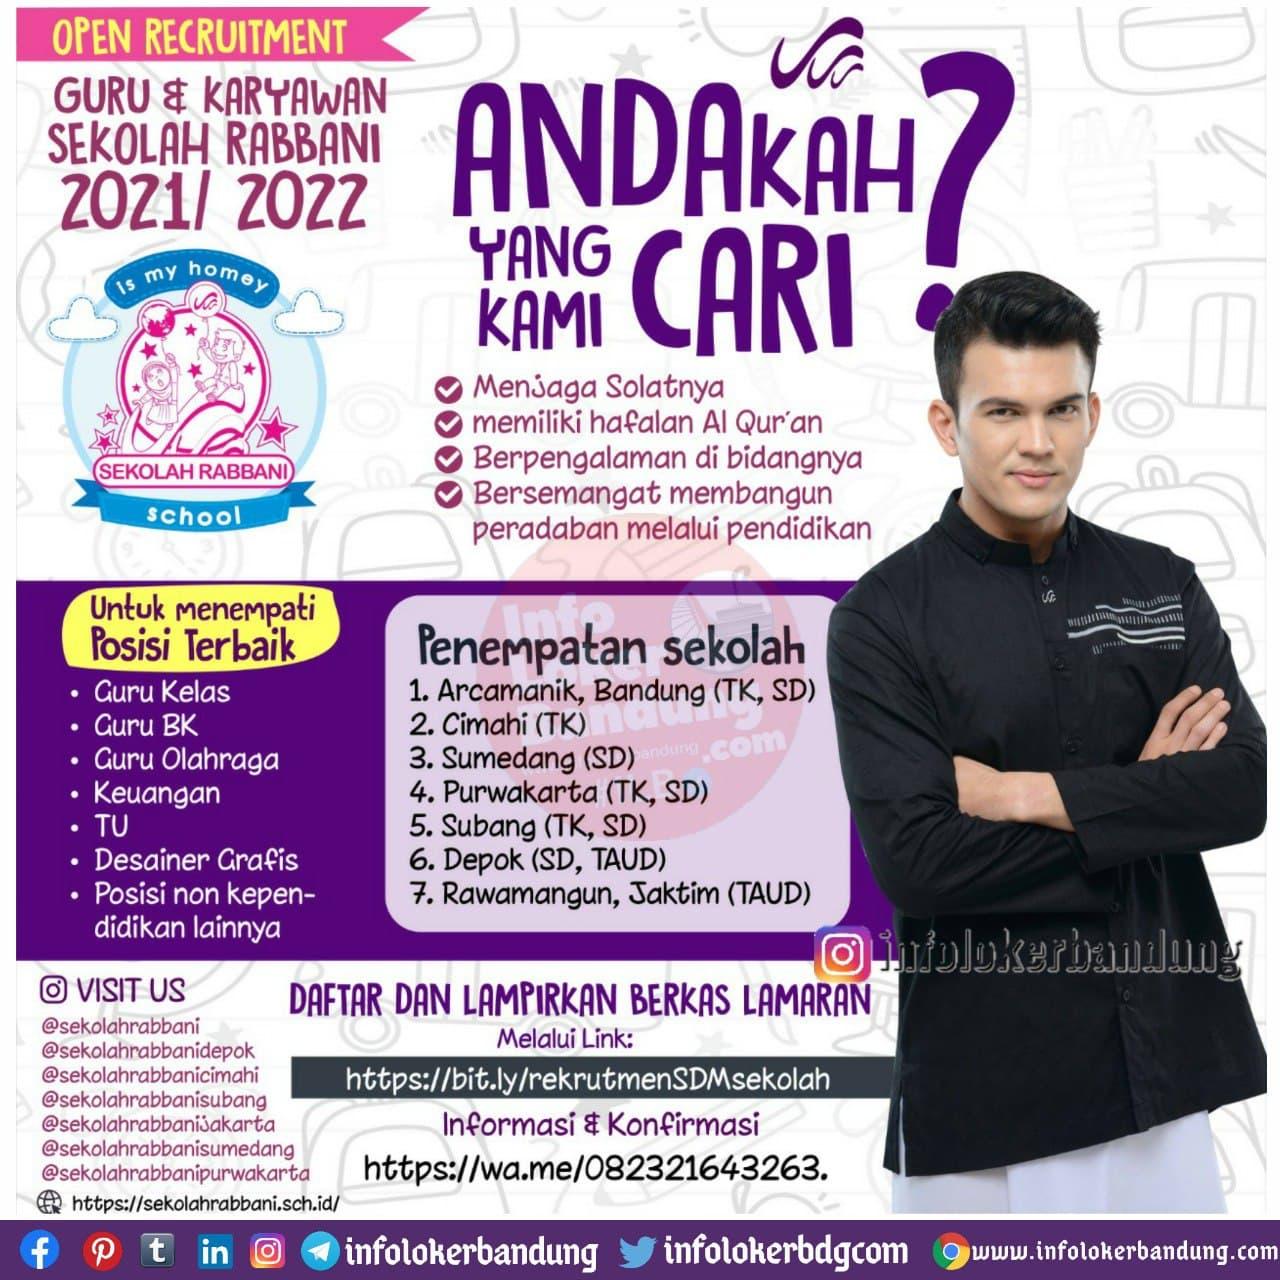 Lowongan Kerja Sekola Rabbani Bandung Desember 2020